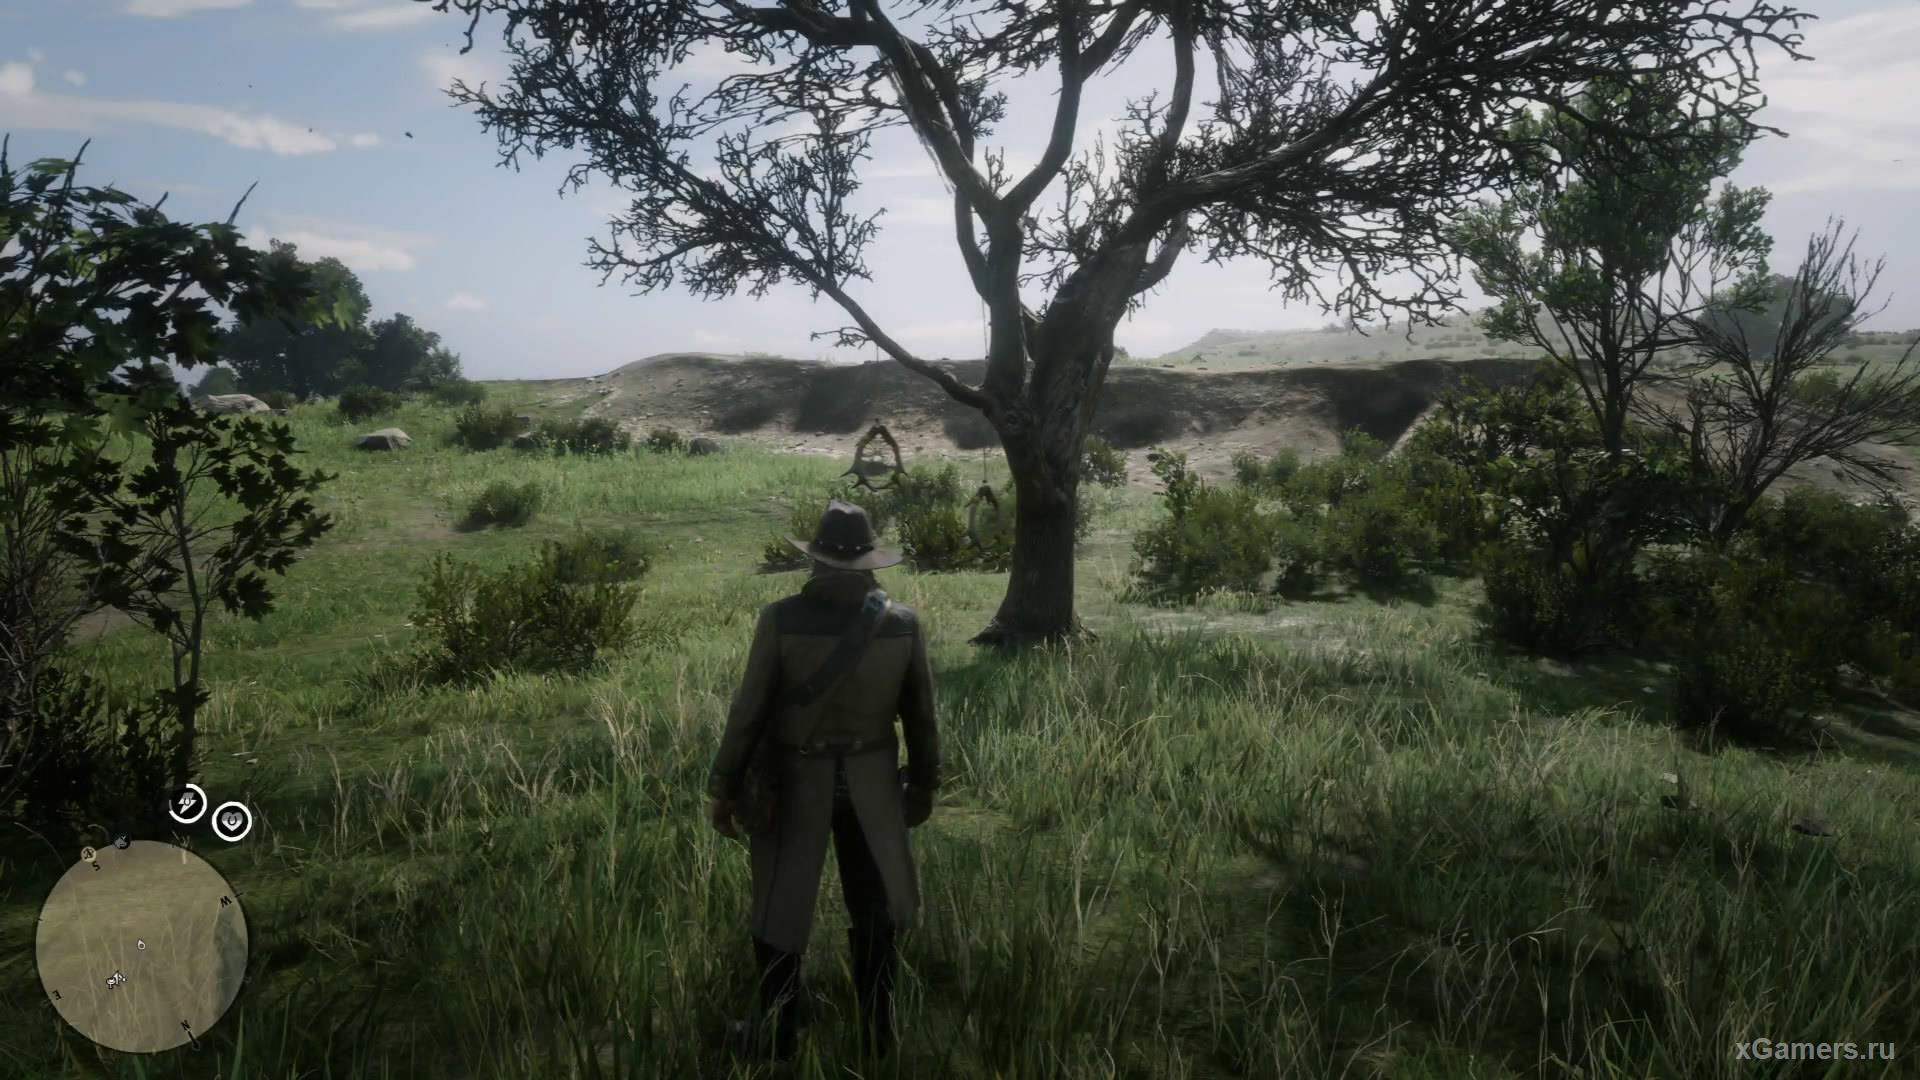 Девятый спокойно висит на ветки высохшего дерева вблизи от ранчо Эмеральд.